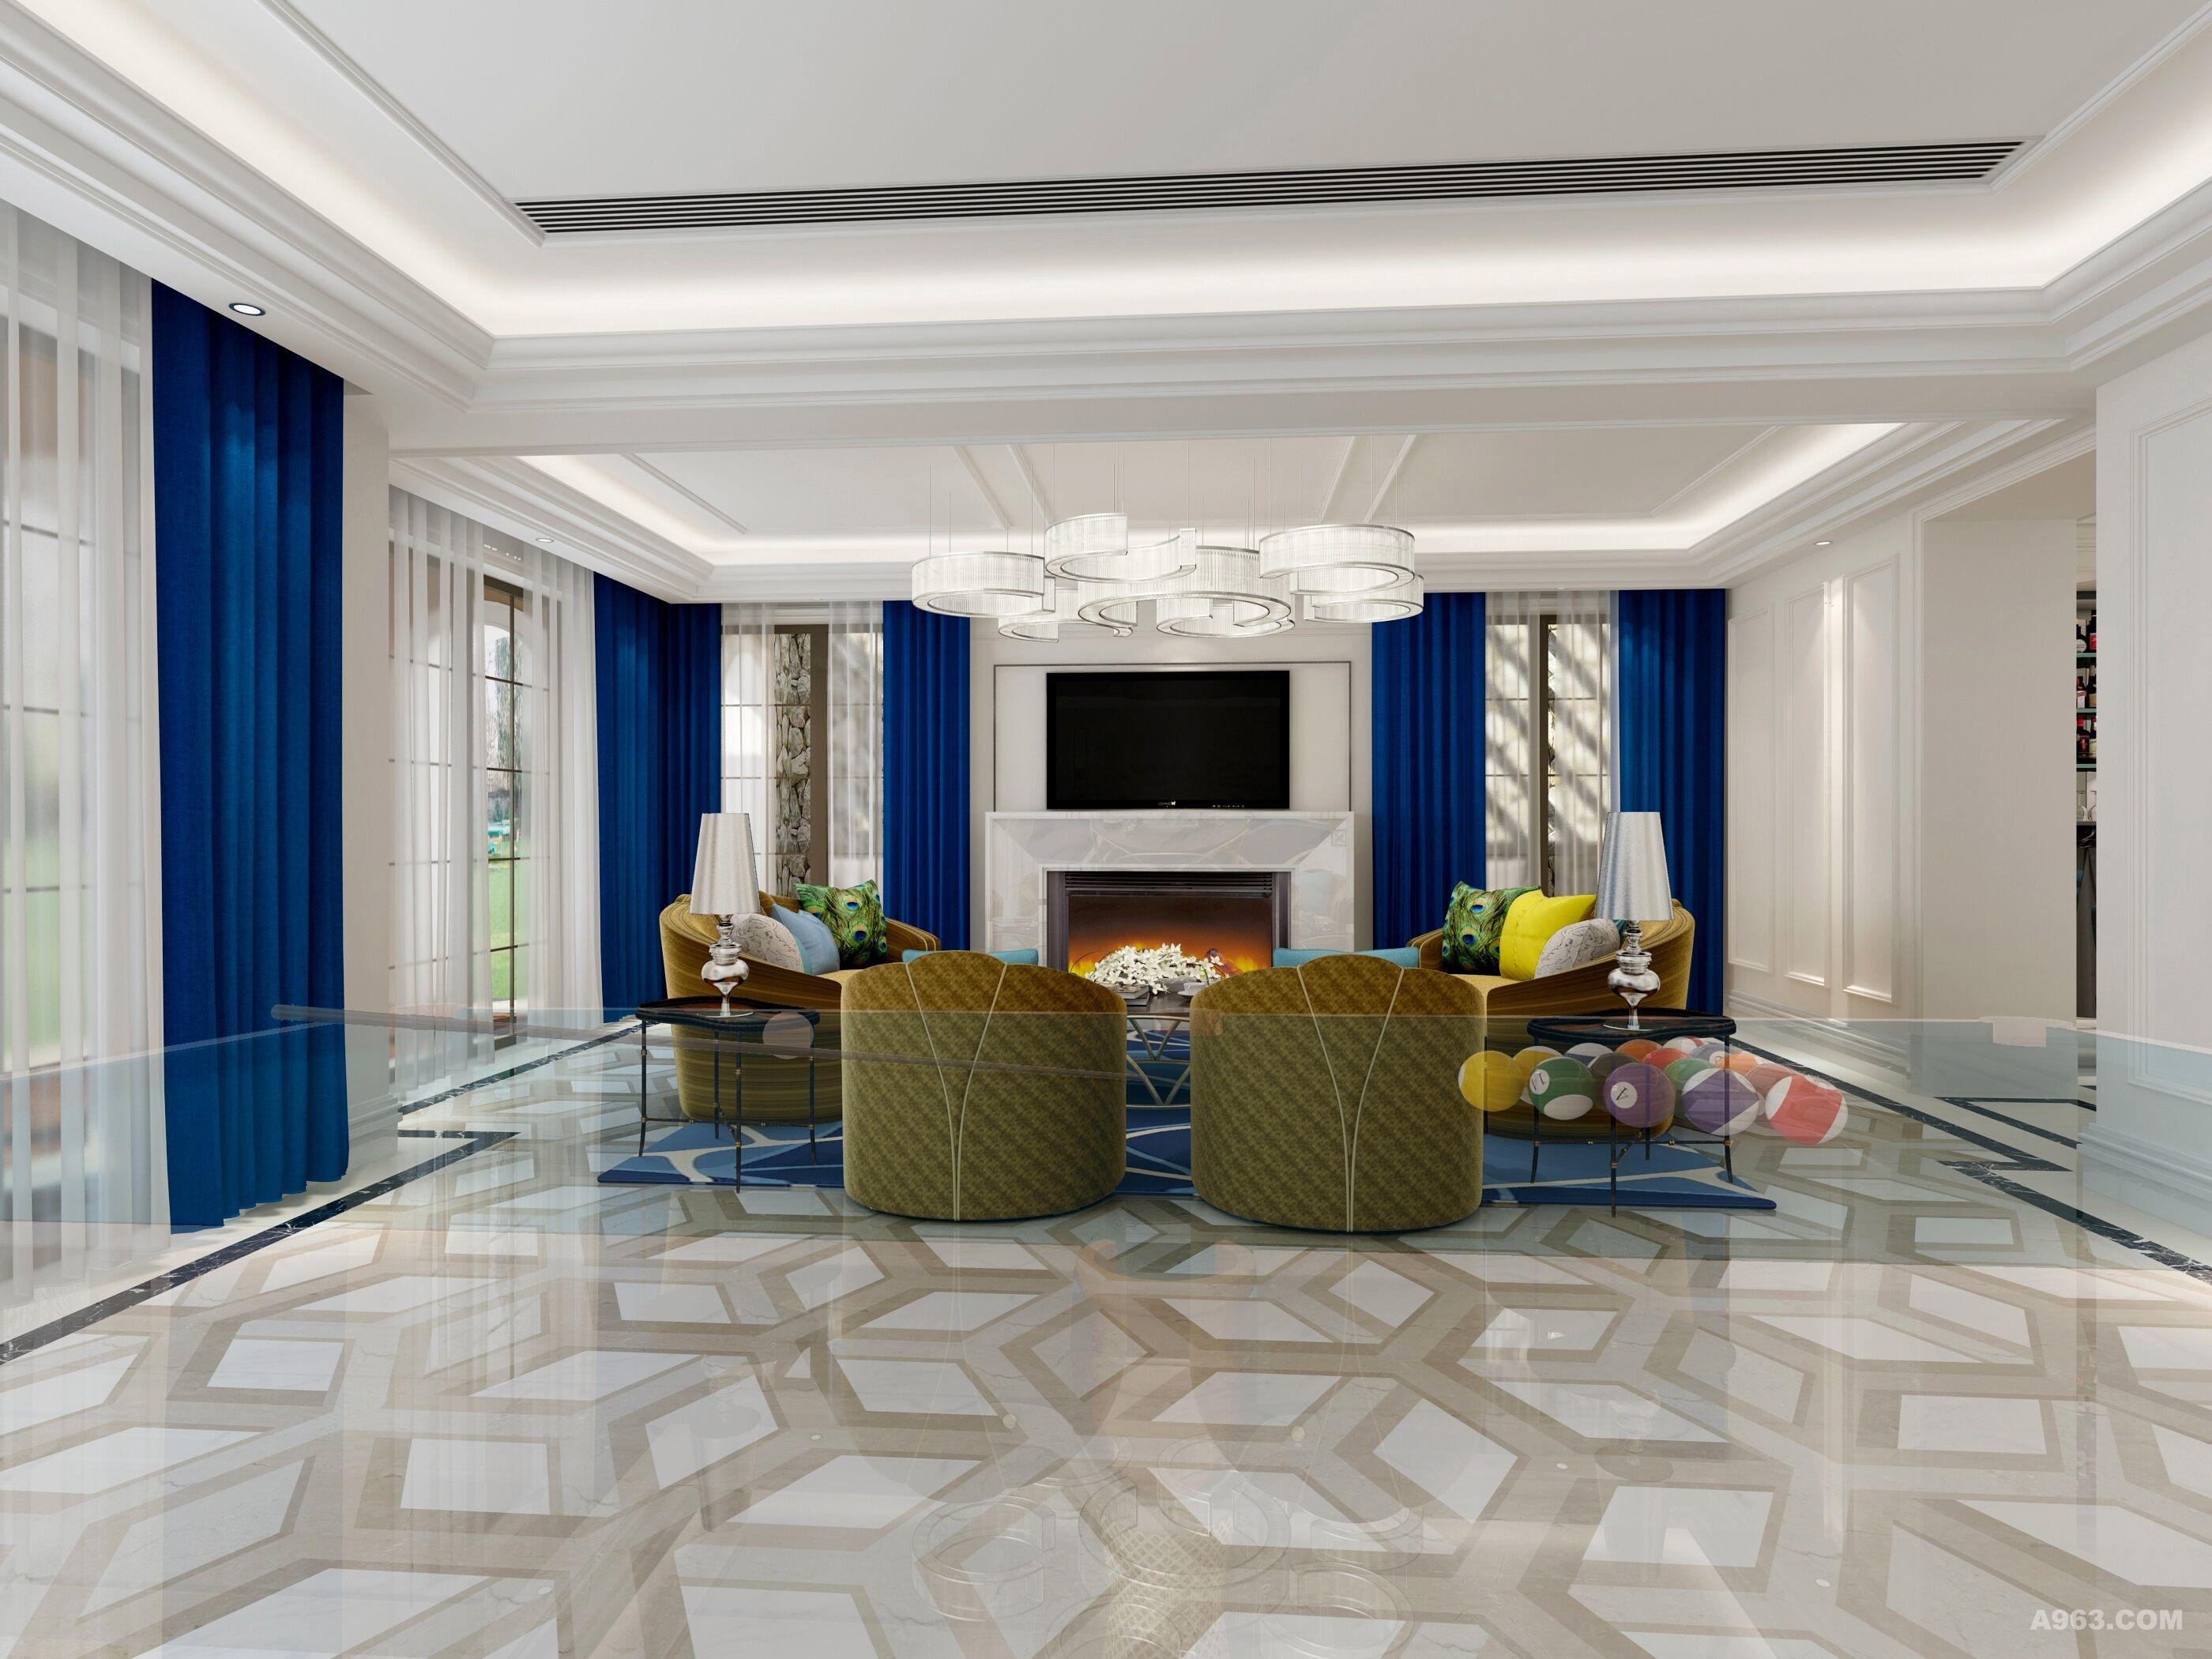 设计说明:本案的设计有近十家装修公司参与竞标,设计师在方案设计中改变楼梯方位,盘活了整个布局,对原有入口处理也很关键,这得益于加盖了门头部分,使玄关变长, 客厅稳定感更强,采用了中西厨房分开,客户非常喜欢,装修风格采用了简欧风格,追求细节,摒弃了过多复杂性,空间的艺术性与使用性得到良好的结合,所以无 论从材质,色彩都要精心挑选,注重建筑的风水,使室内环境和谐平和,设计师在园林,软装都进行了配套。